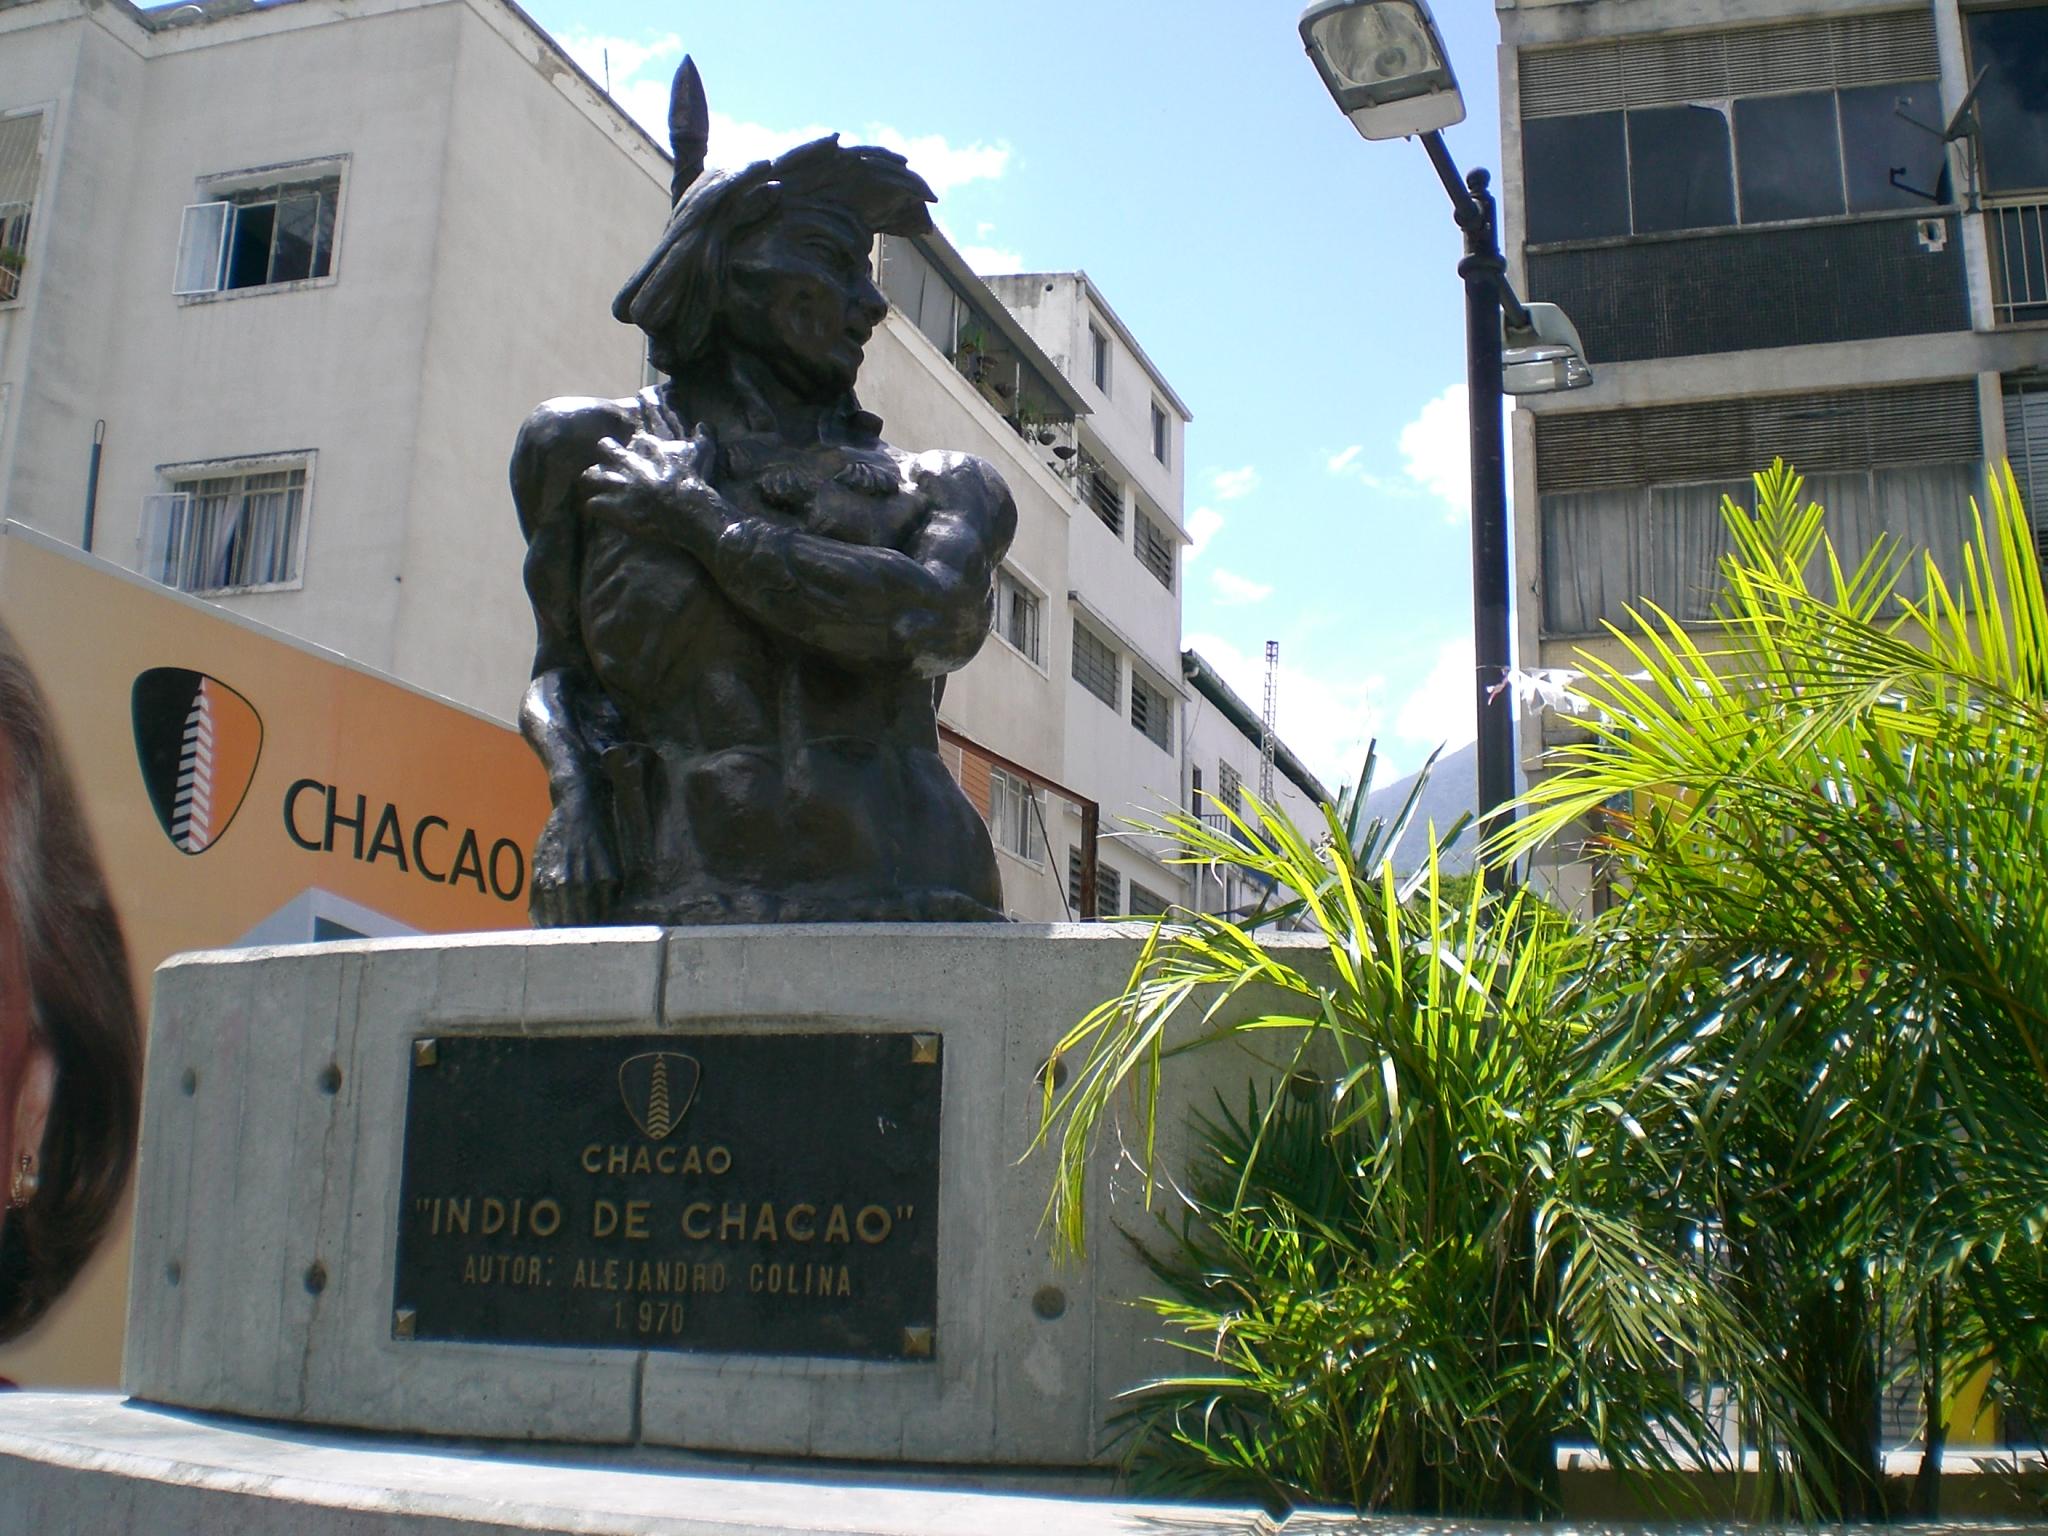 Cacique Chacao Wikipedia La Enciclopedia Libre